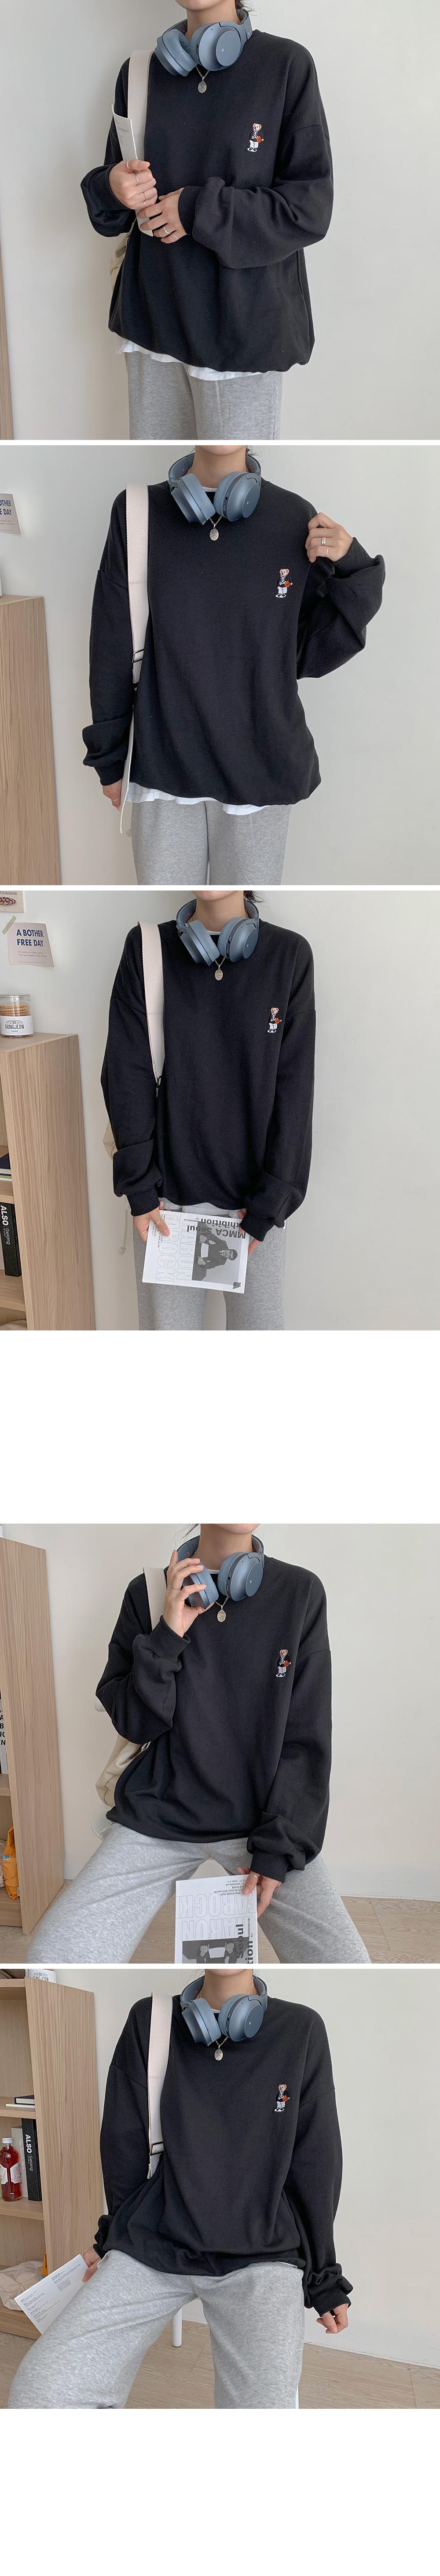 Basketball Teddy Embroidery Sweatshirt